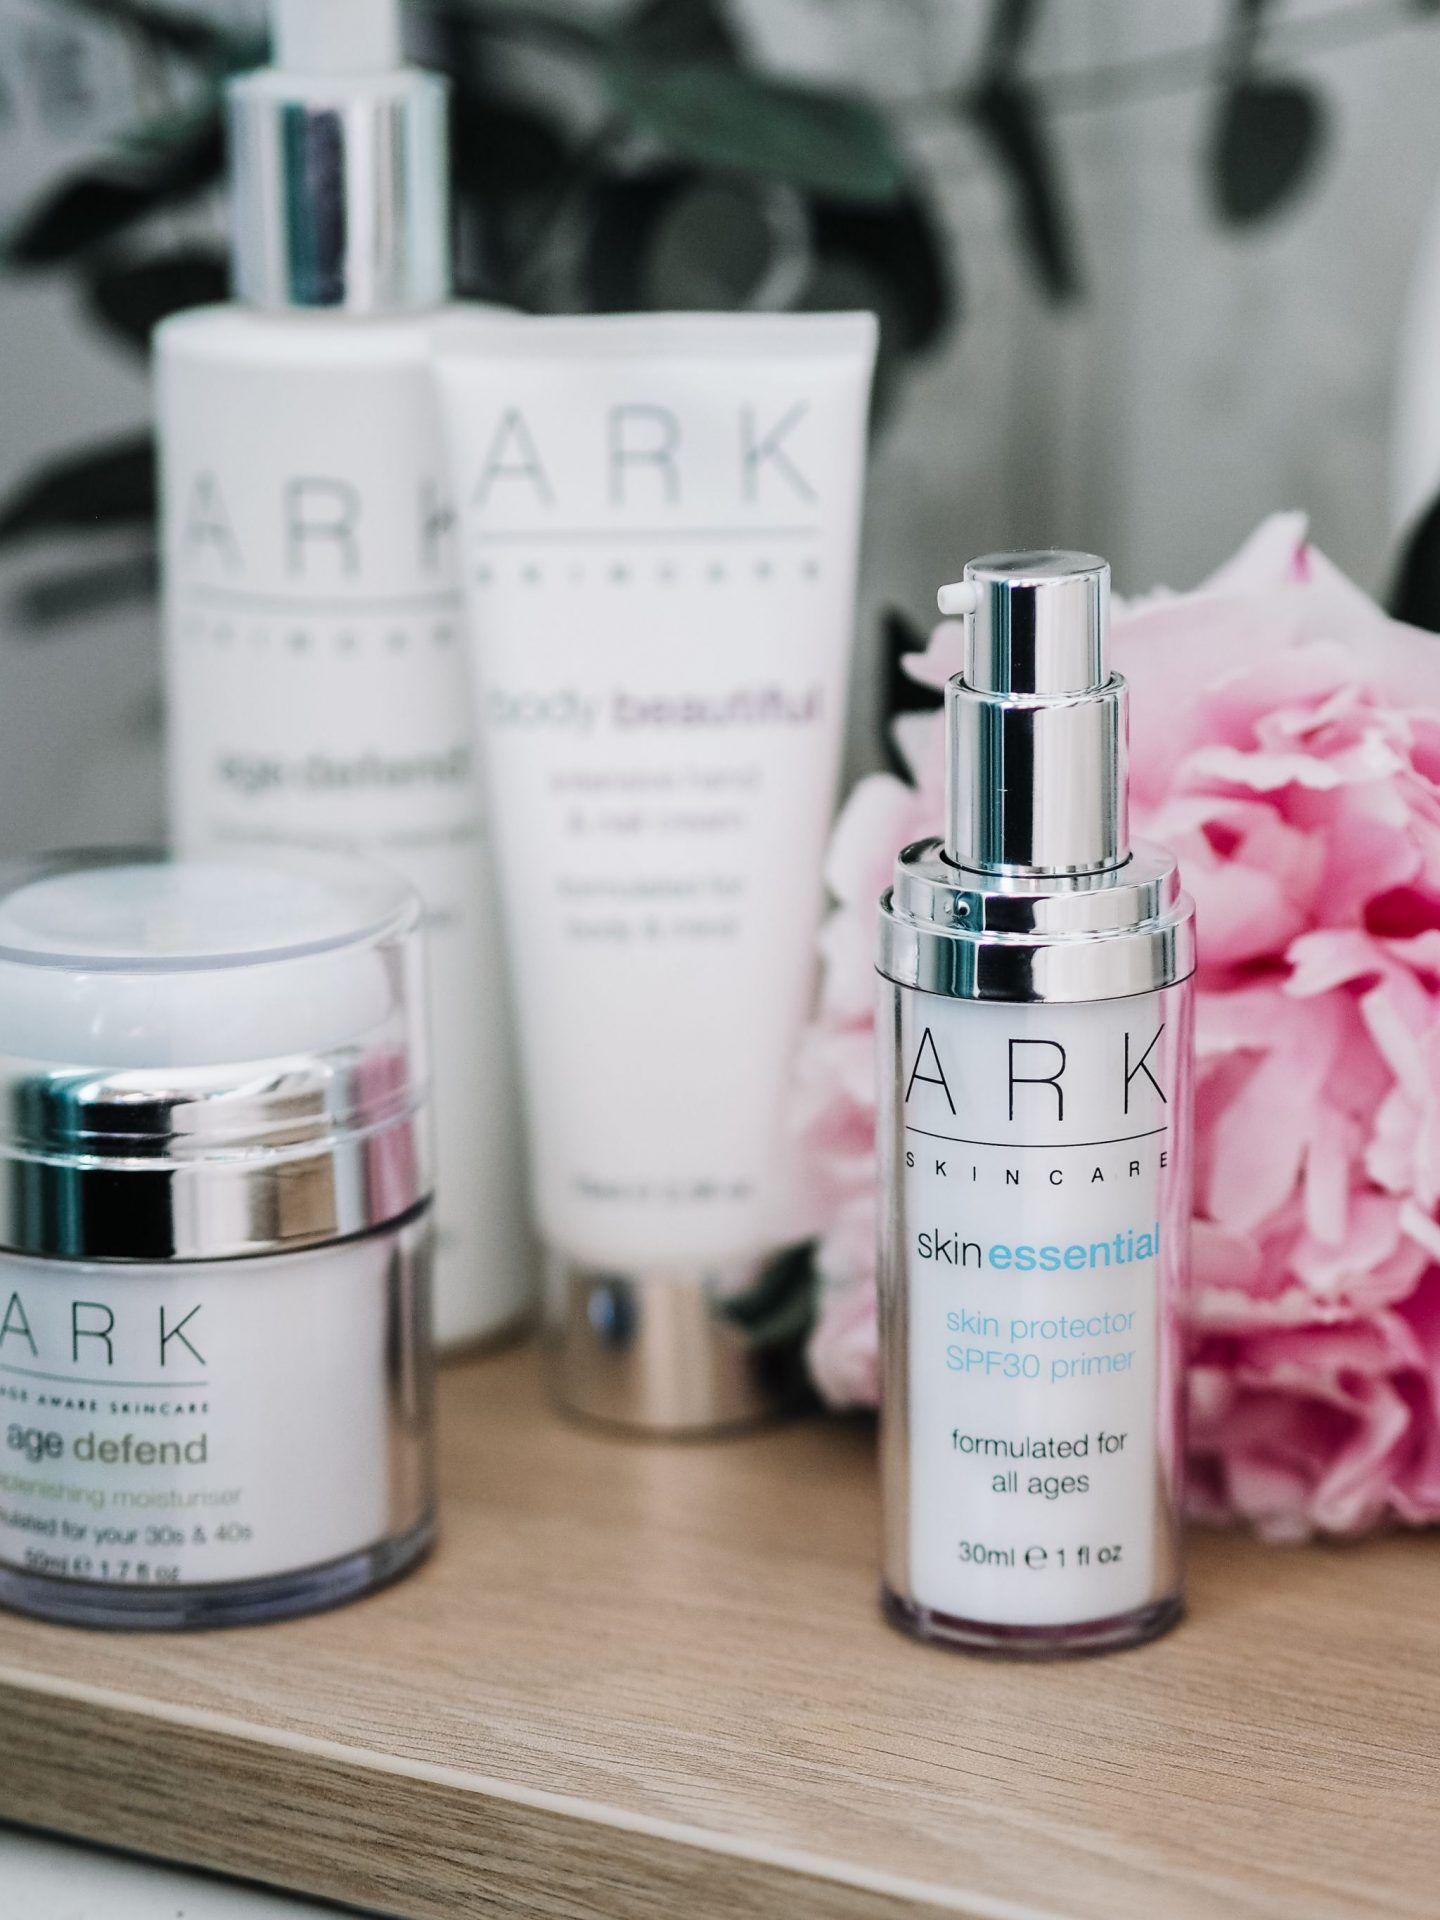 ARK Skincare A Truly Effective British, CrueltyFree